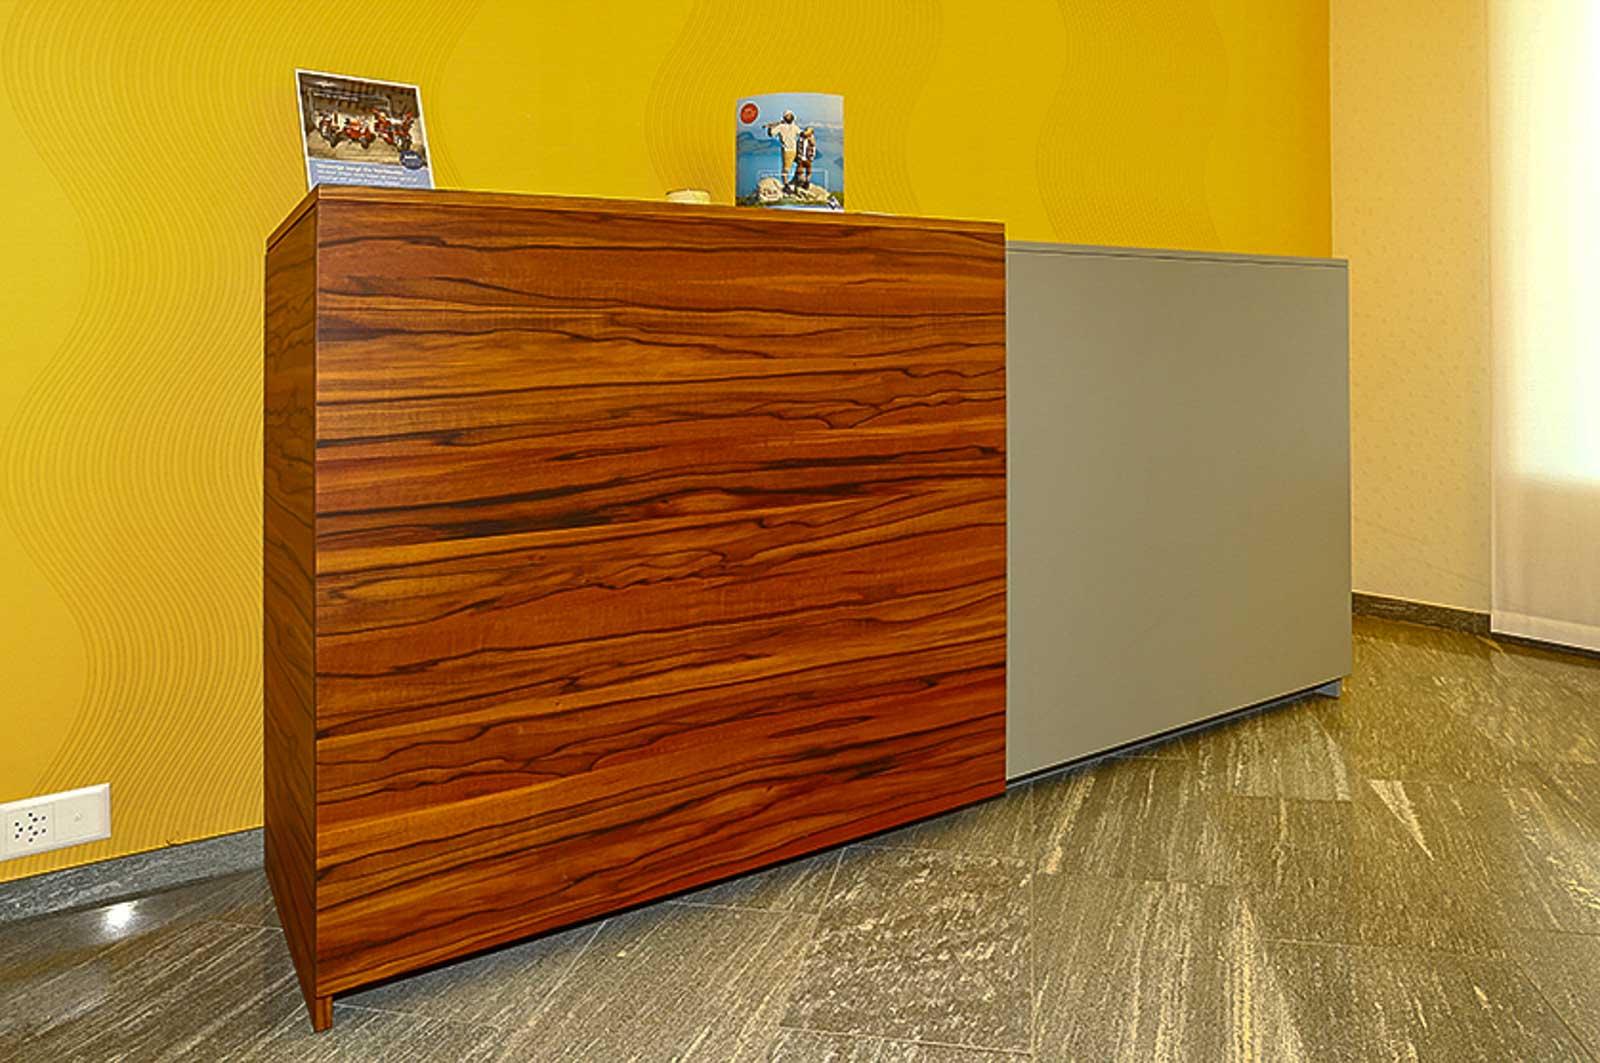 Wooddesign_Büro_Homeoffice_Schreibtisch_höhenverstellbar_Regal_Schubladen_Wandschrank_Sideboard_Besprechungstisch_Empfangstheke (5)